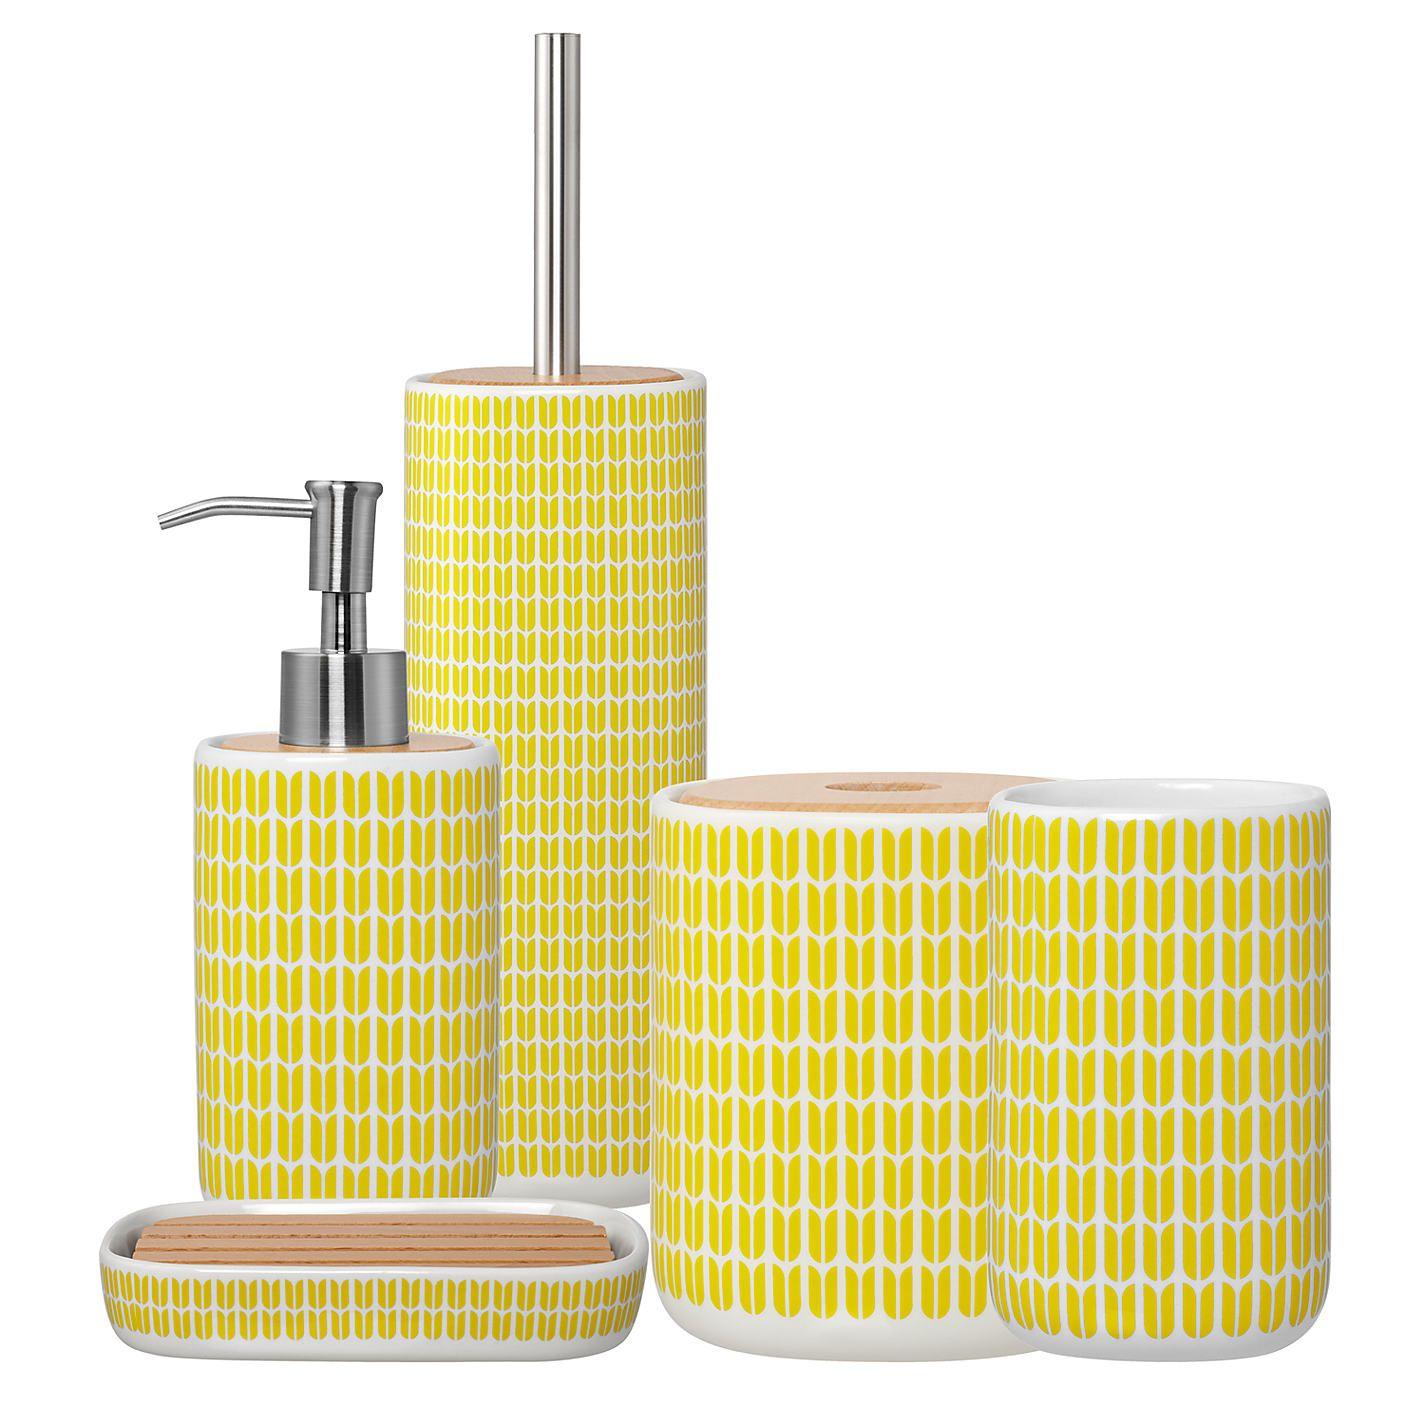 Bathroom accessories john lewis - Buy John Lewis Tulip Bathroom Accessories John Lewis